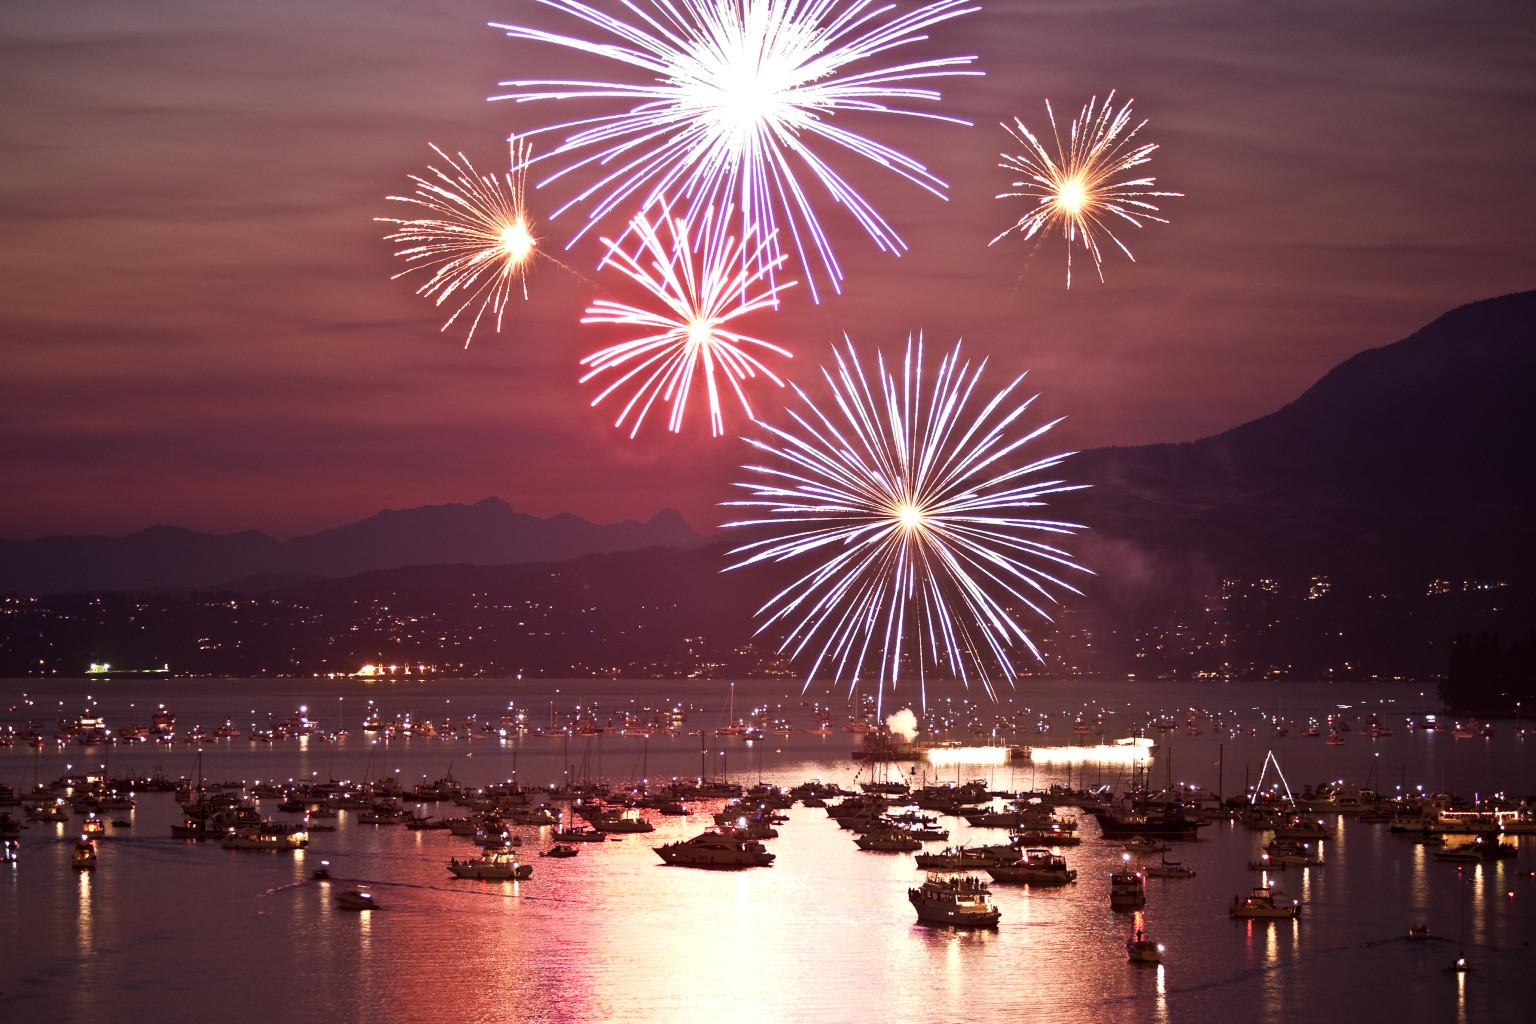 Vancouver Fireworks Celebration Of Light 2013 Survival Guide